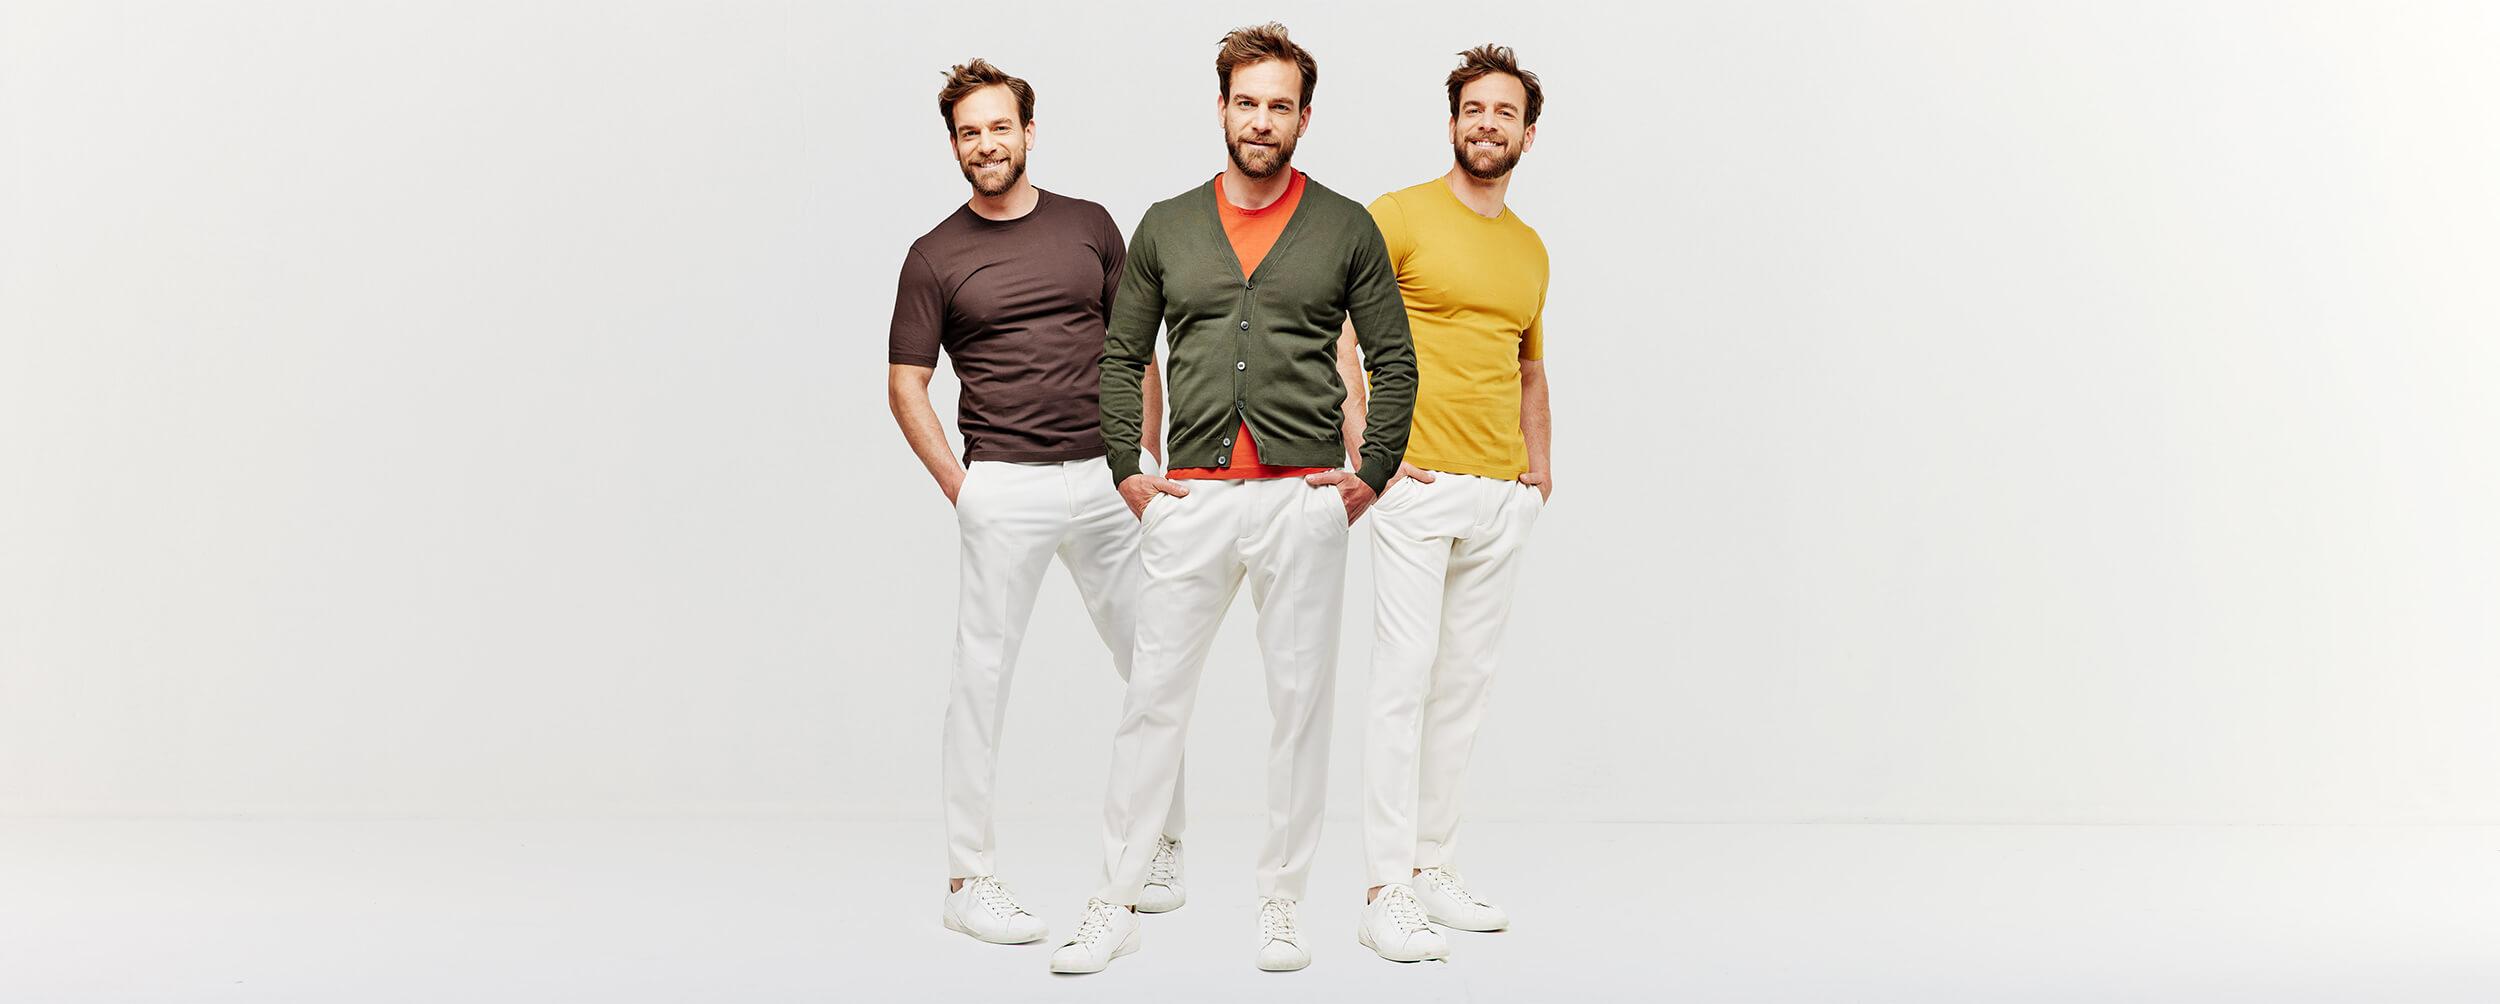 S. Moritz Knitwear